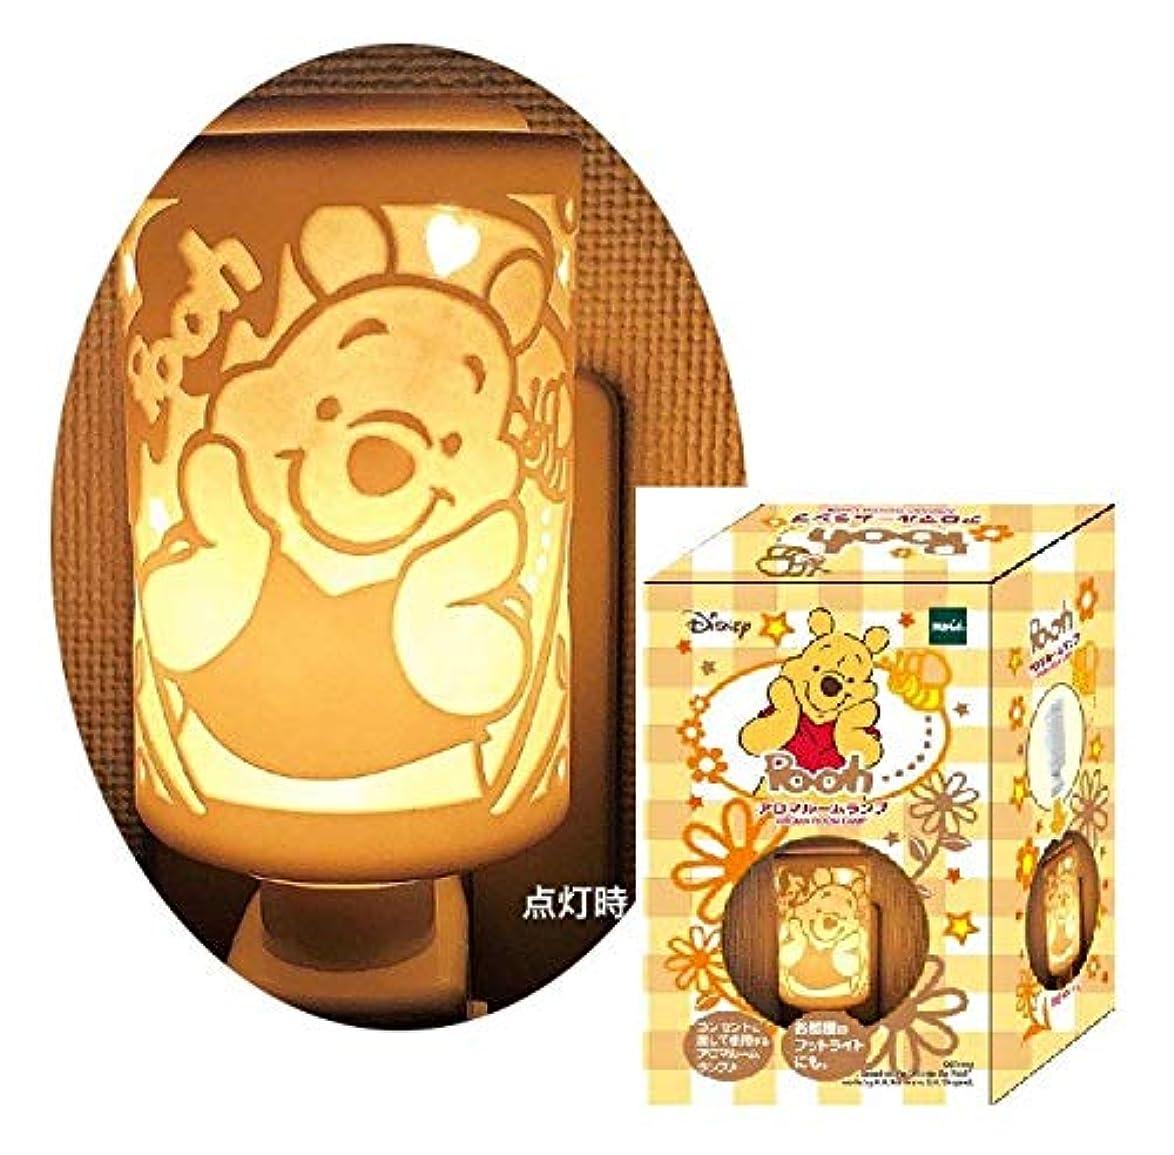 悪意のある含む爵Disney ディズニー くまのプーさん アロマランプ アロマライト アロマルームランプ コンセントタイプ 電気式芳香器 陶器製 キャラクター ルームライト ルームランプ フットライト (プーさん)